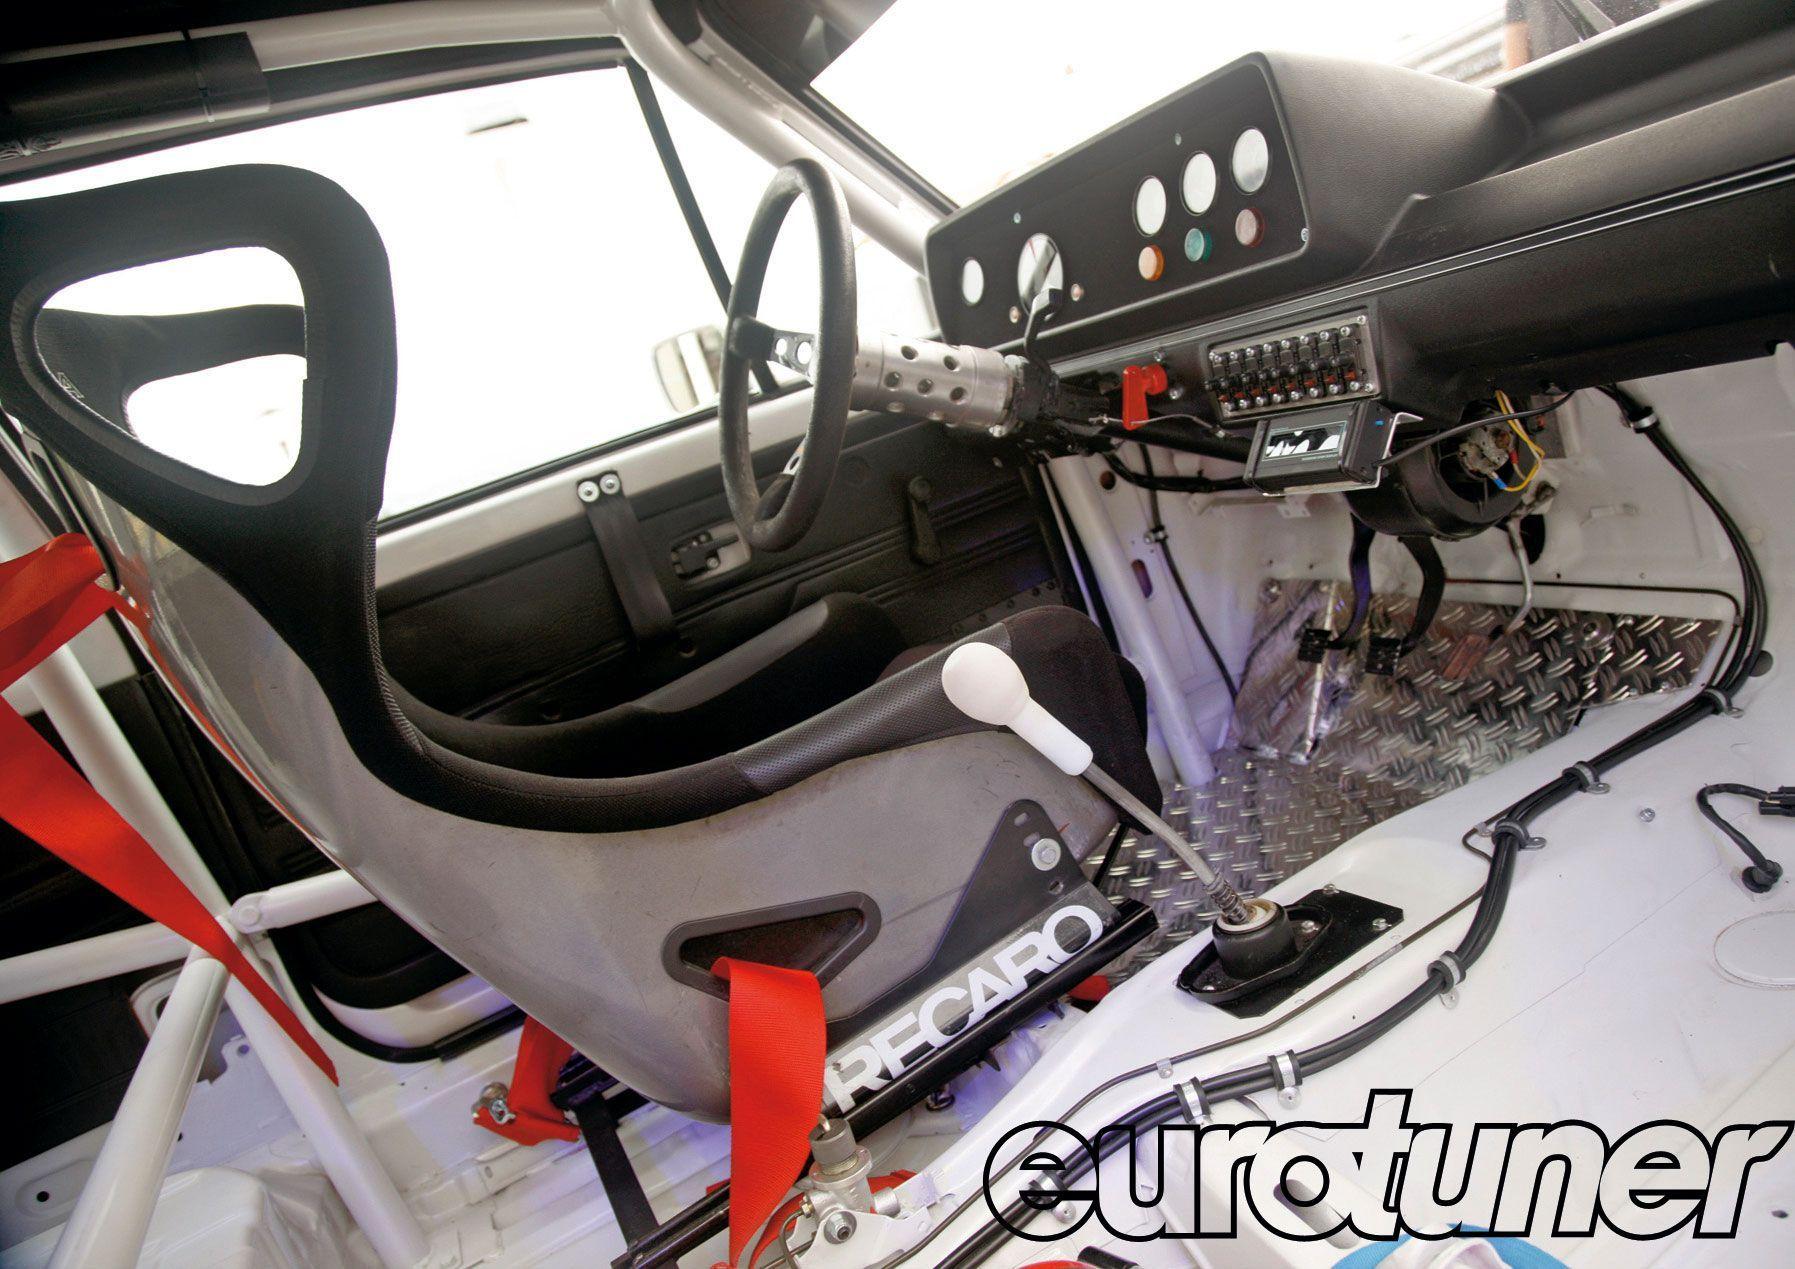 b4500648b6324cb199ef30ef77af4122 vw scirocco race car interior google search custom vw scirocco